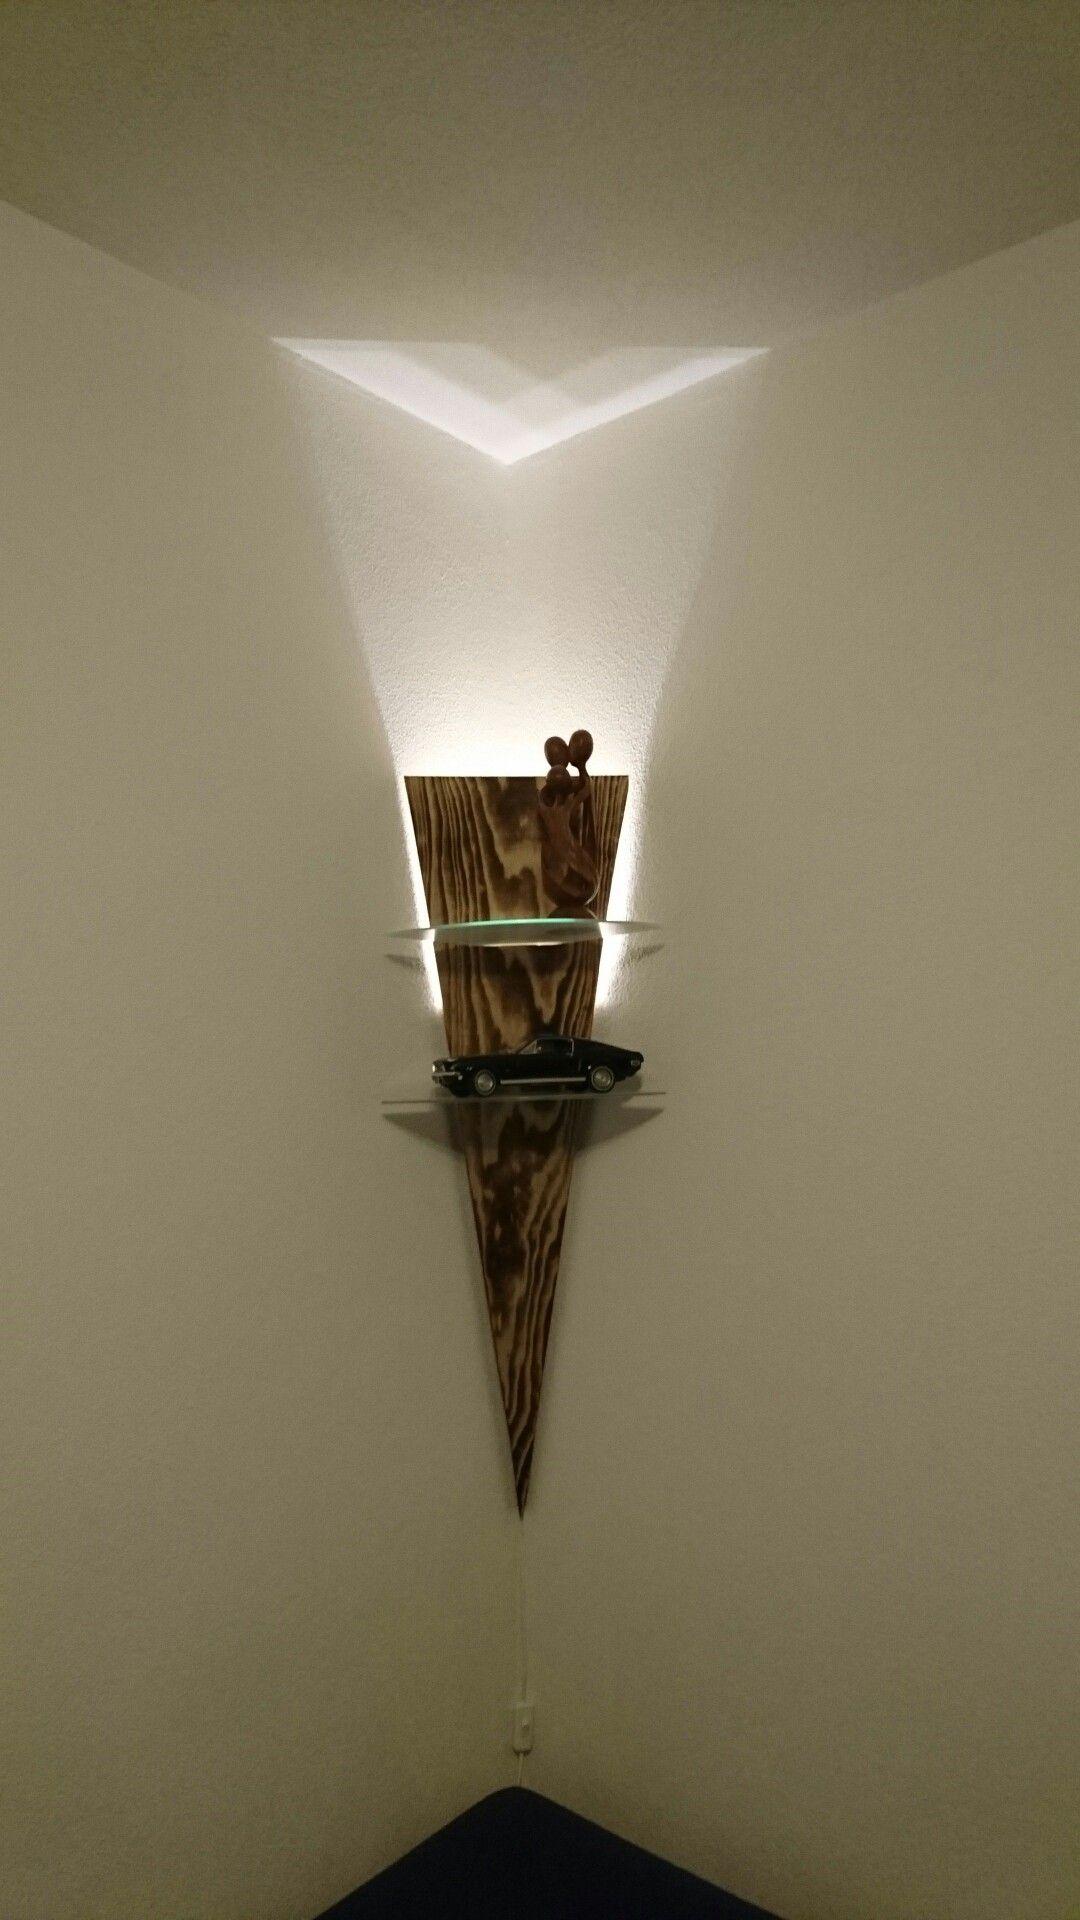 Selbstgemachte Ecklampe Mit Glasboden Diy Mobel Holz Lampe Heizkorper Regal